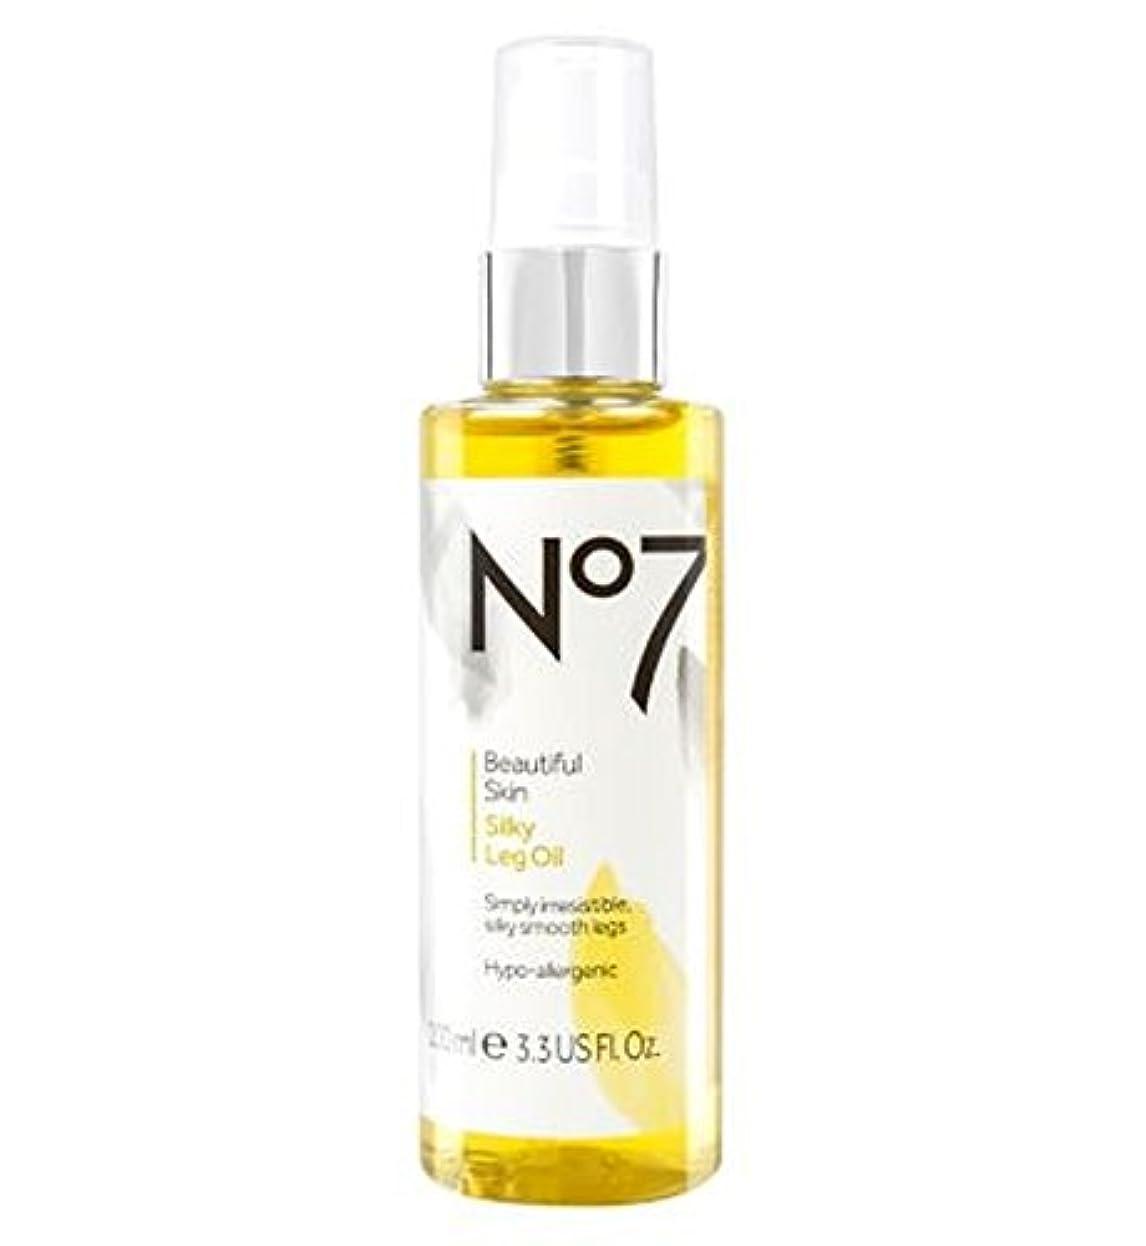 団結するいたずら見積りNo7美しい肌絹のような脚油 (No7) (x2) - No7 Beautiful Skin Silky Leg Oil (Pack of 2) [並行輸入品]